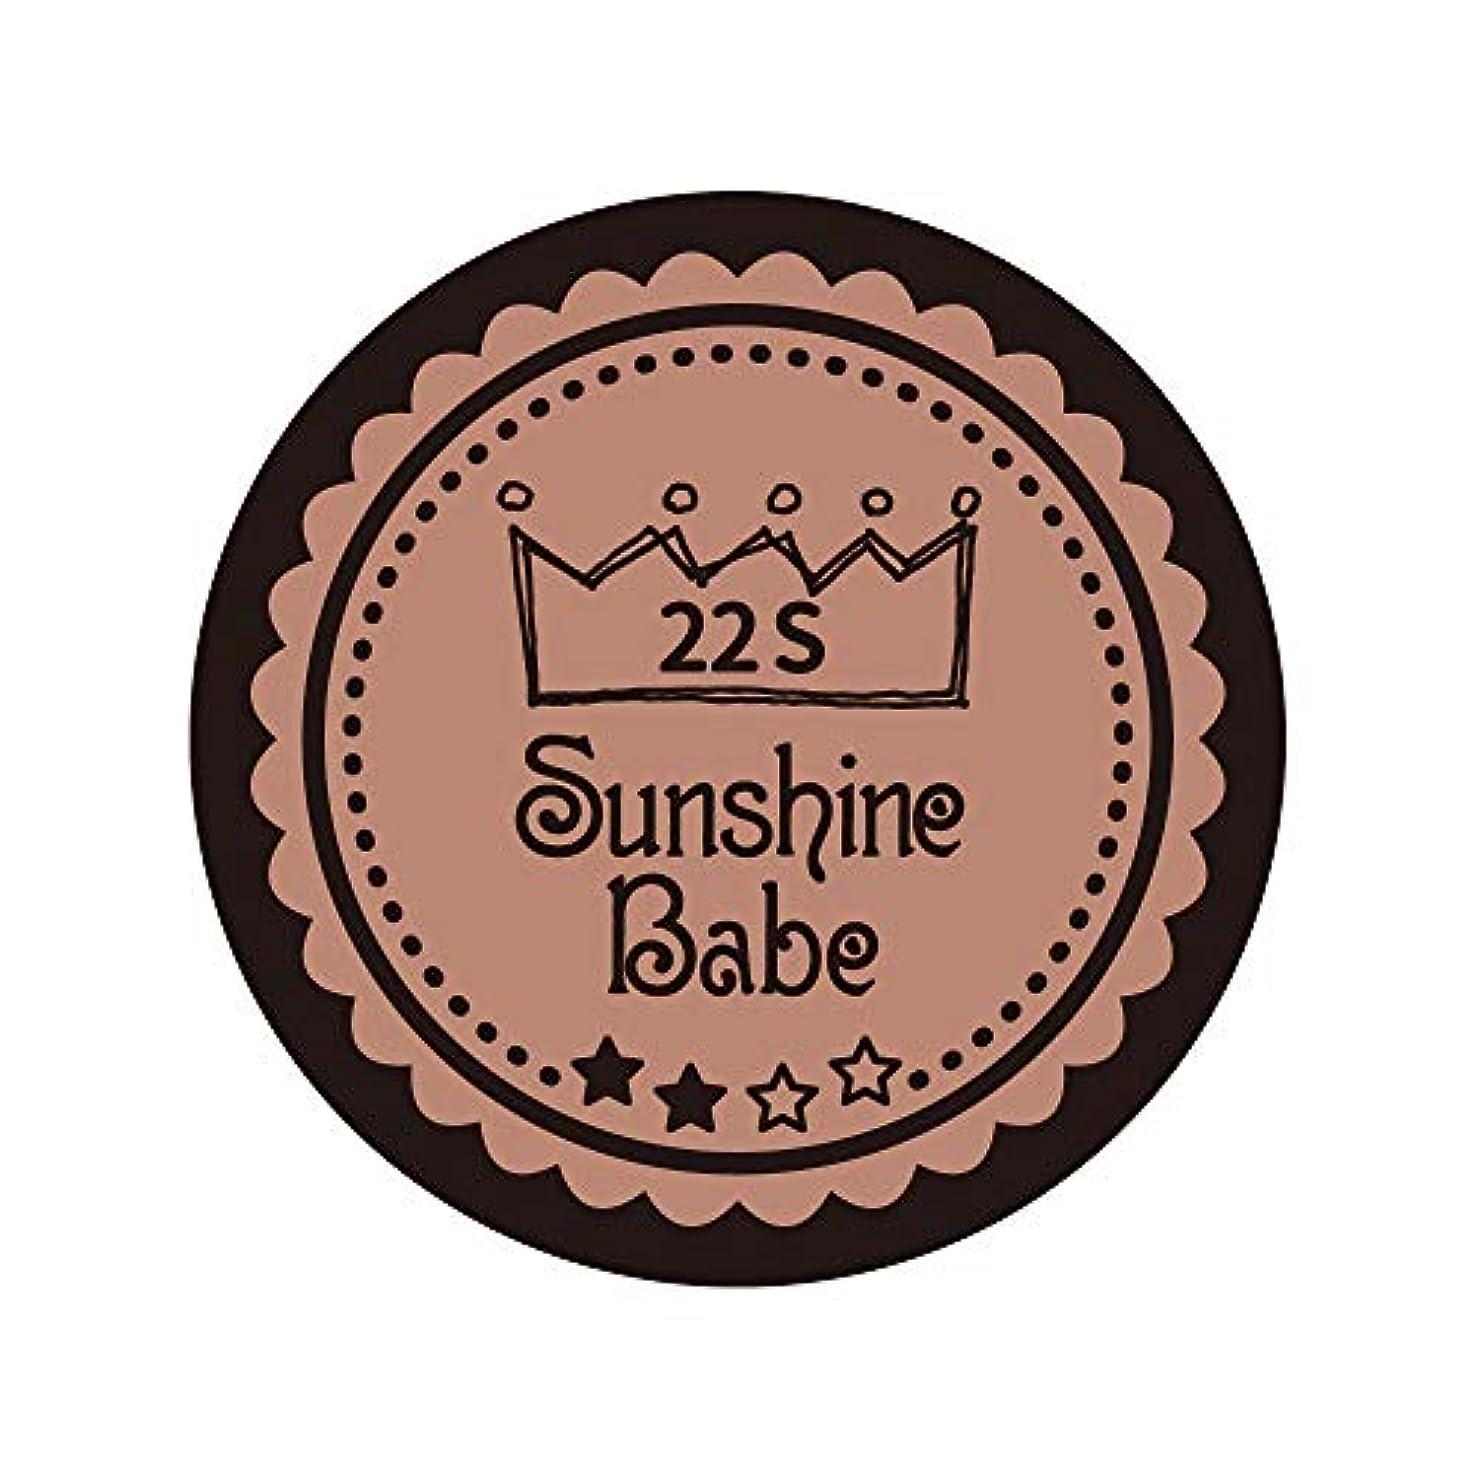 息を切らしてしかし思想Sunshine Babe カラージェル 22S パレロワイヤル 2.7g UV/LED対応